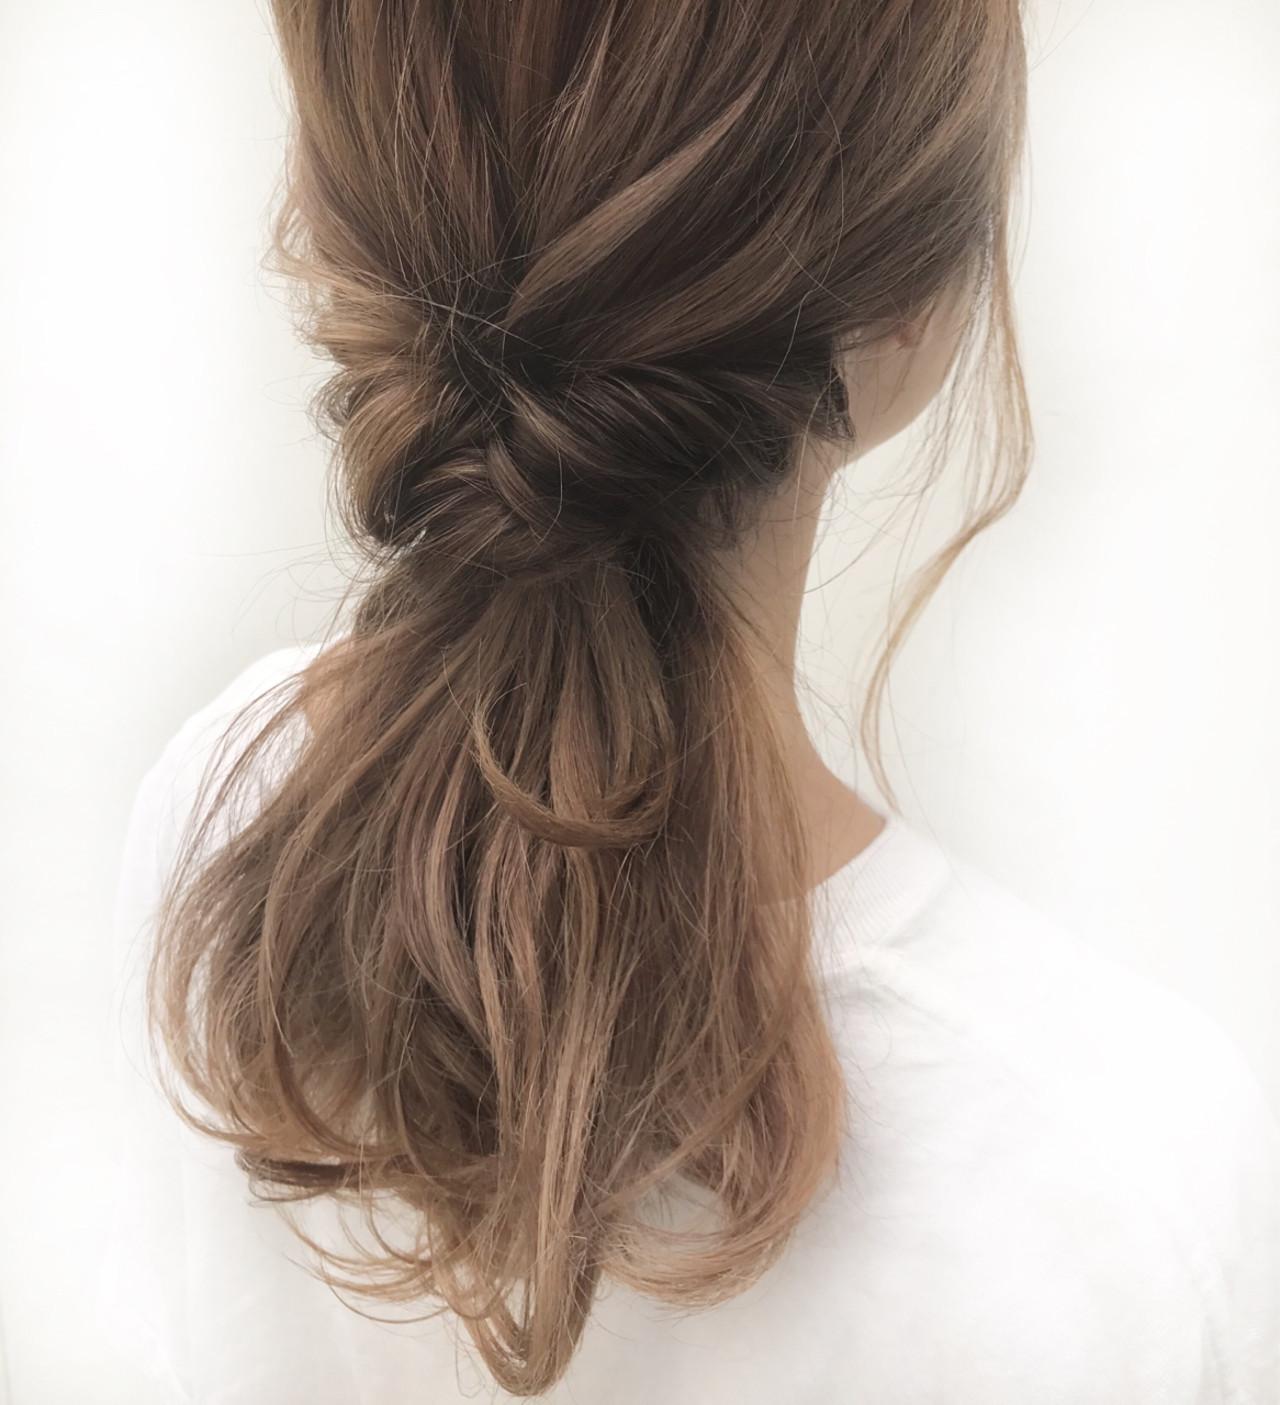 オフィス デート フェミニン ヘアアレンジ ヘアスタイルや髪型の写真・画像